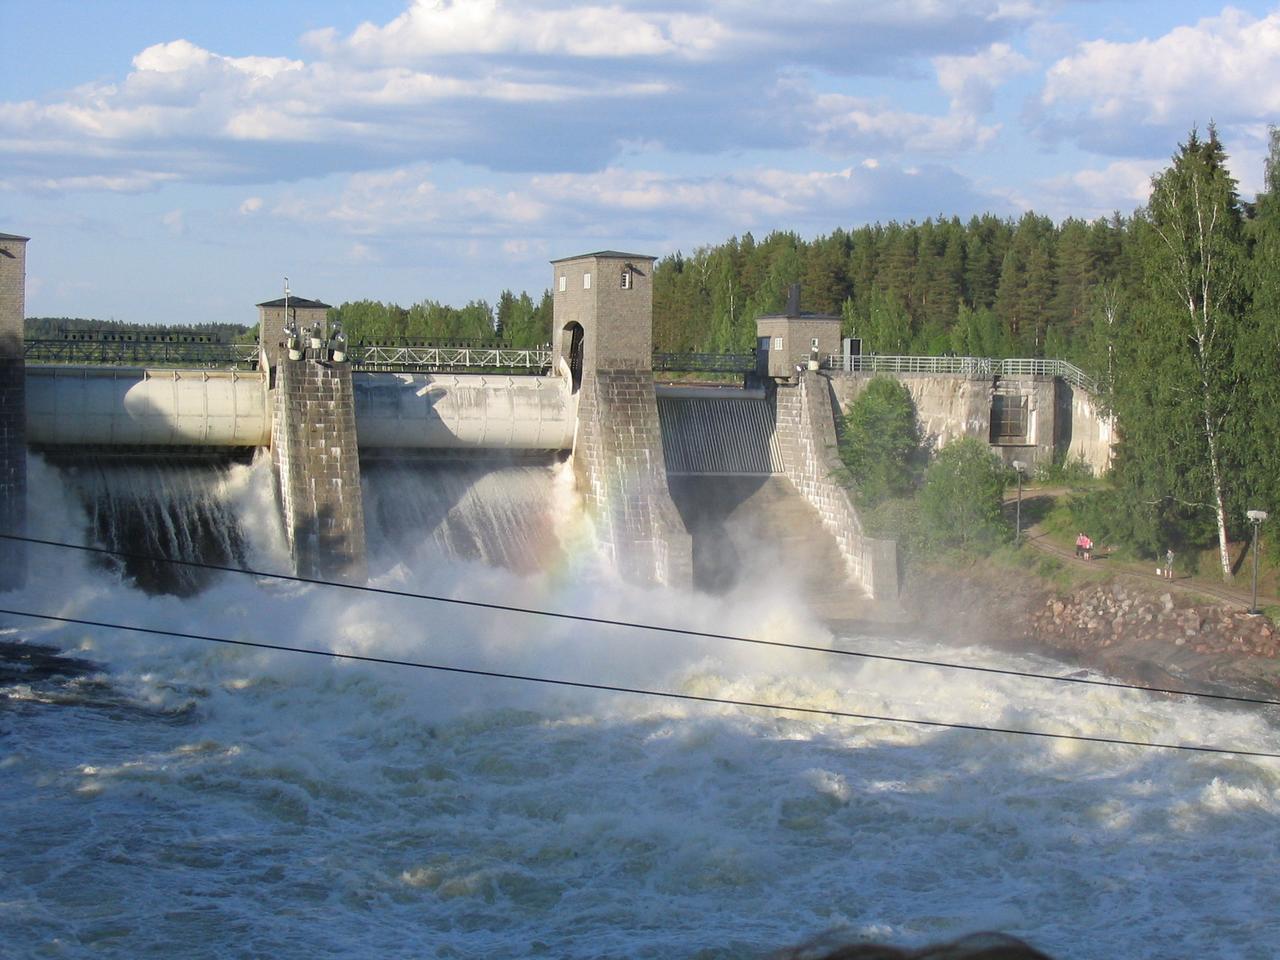 Иматранкоски, водоскат на реке Вуокса